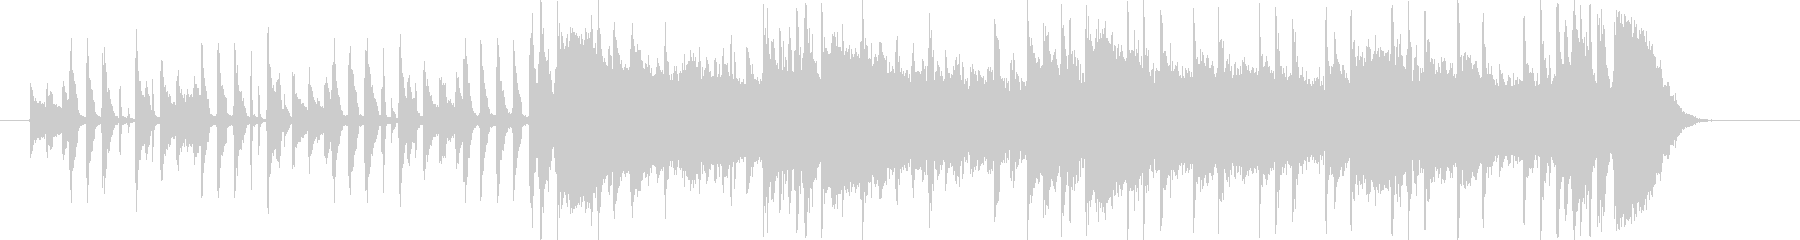 疾走感とドキドキ感のシンセギターサウンドの未再生の波形